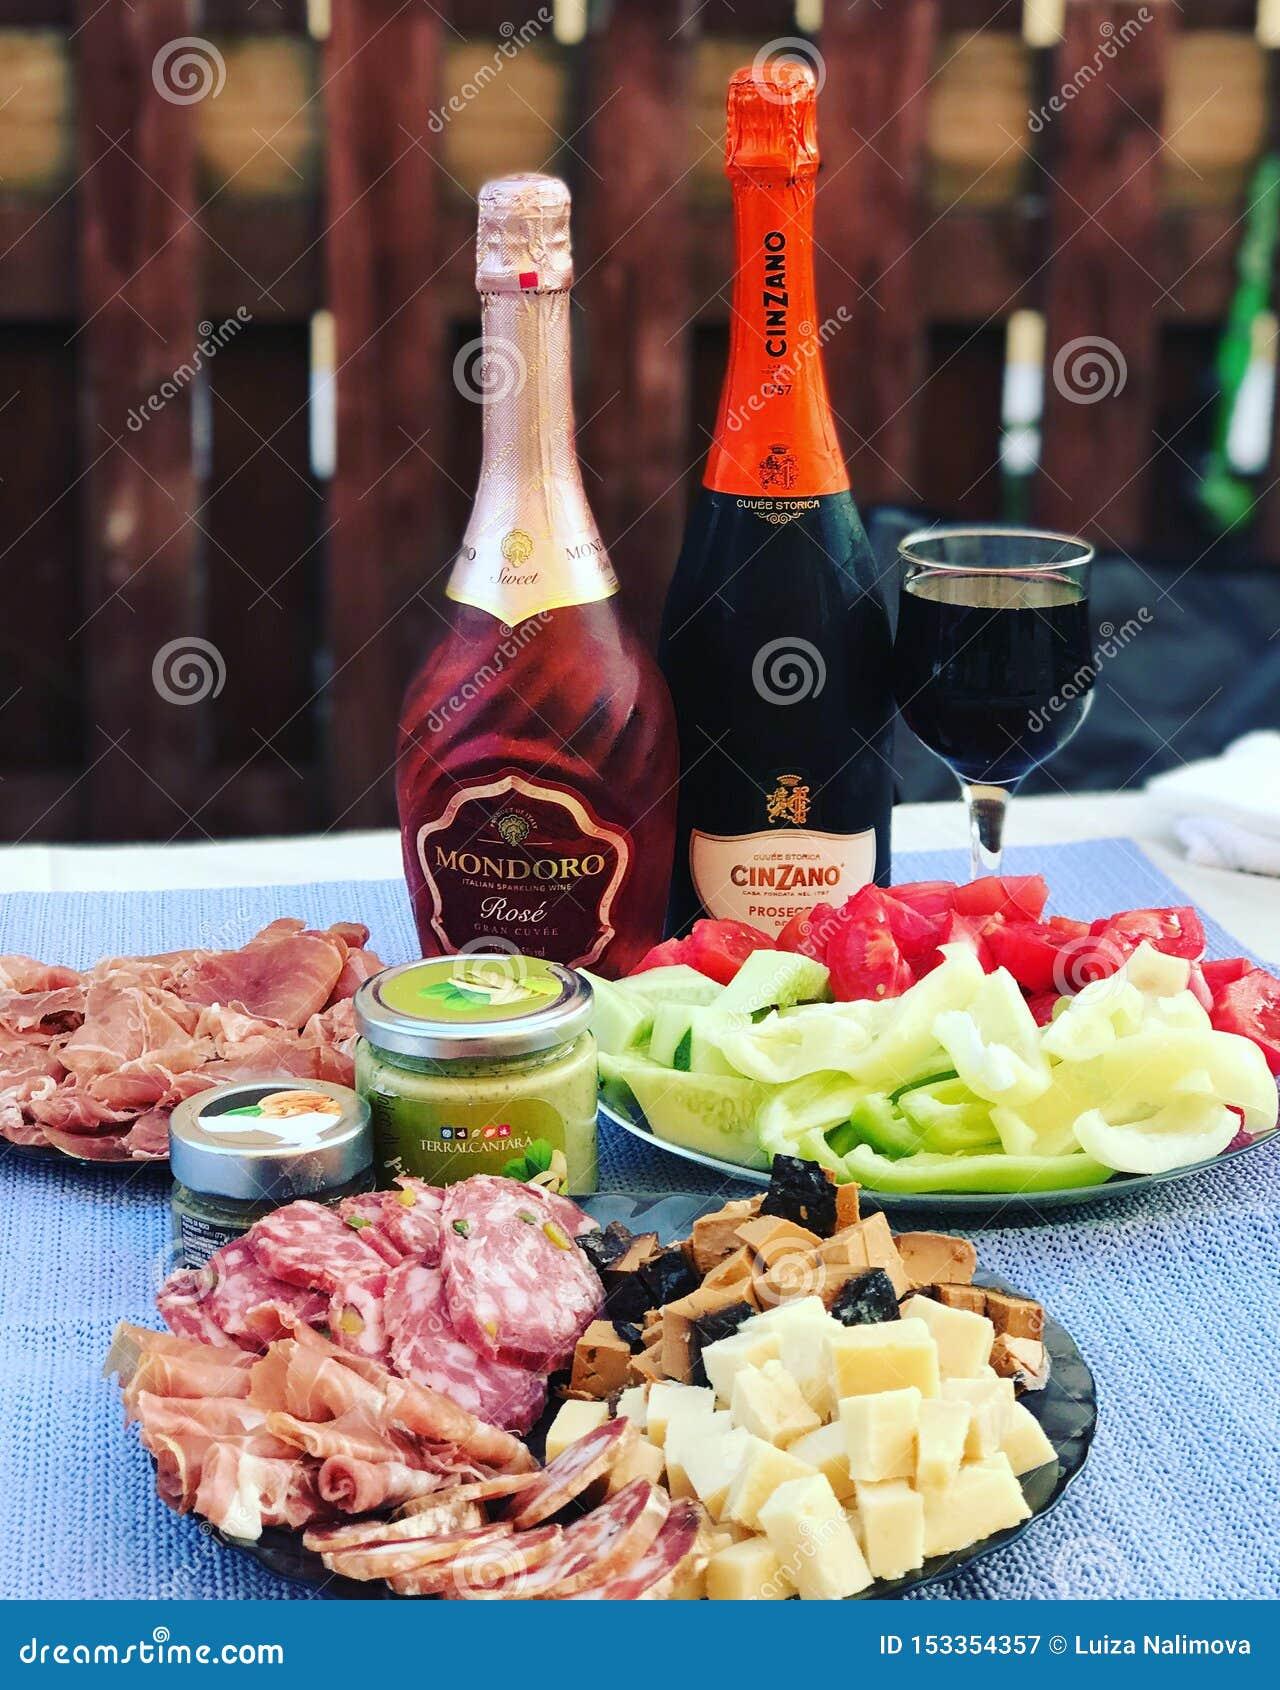 Ρωσία, Ταταρία, στις 27 Ιουλίου 2018 Ένα μπουκάλι του proseco Cinzano, ένα μπουκάλι Mondoro αυξήθηκε, πρόχειρα φαγητά: jamon, τυρ